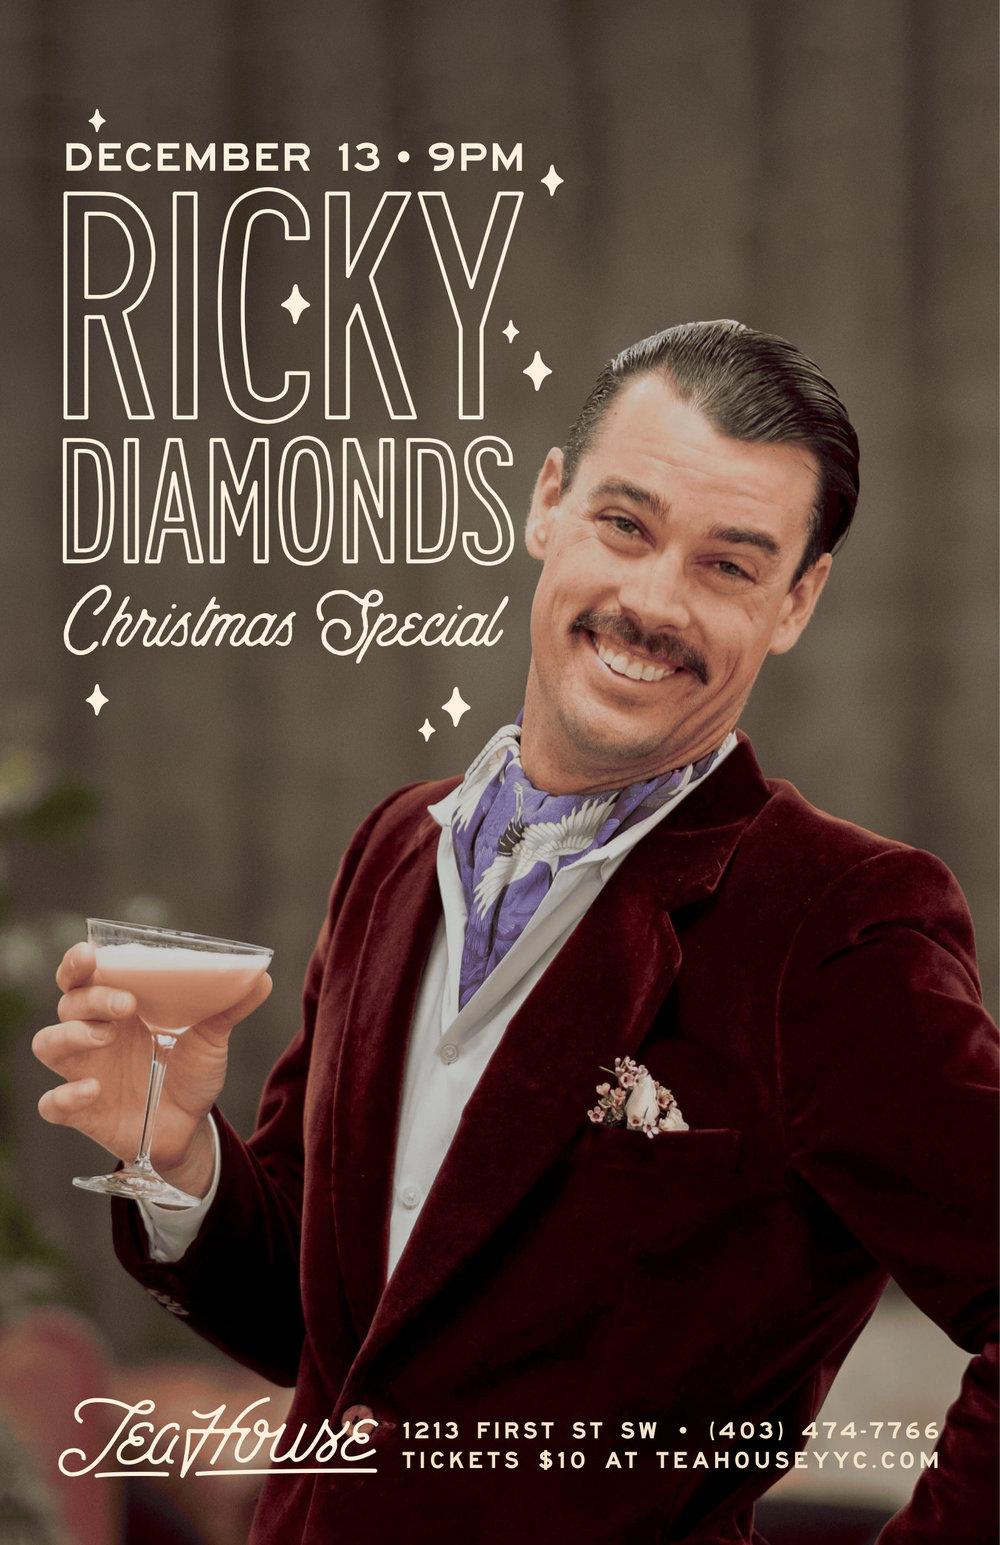 ricky-diamonds.jpg